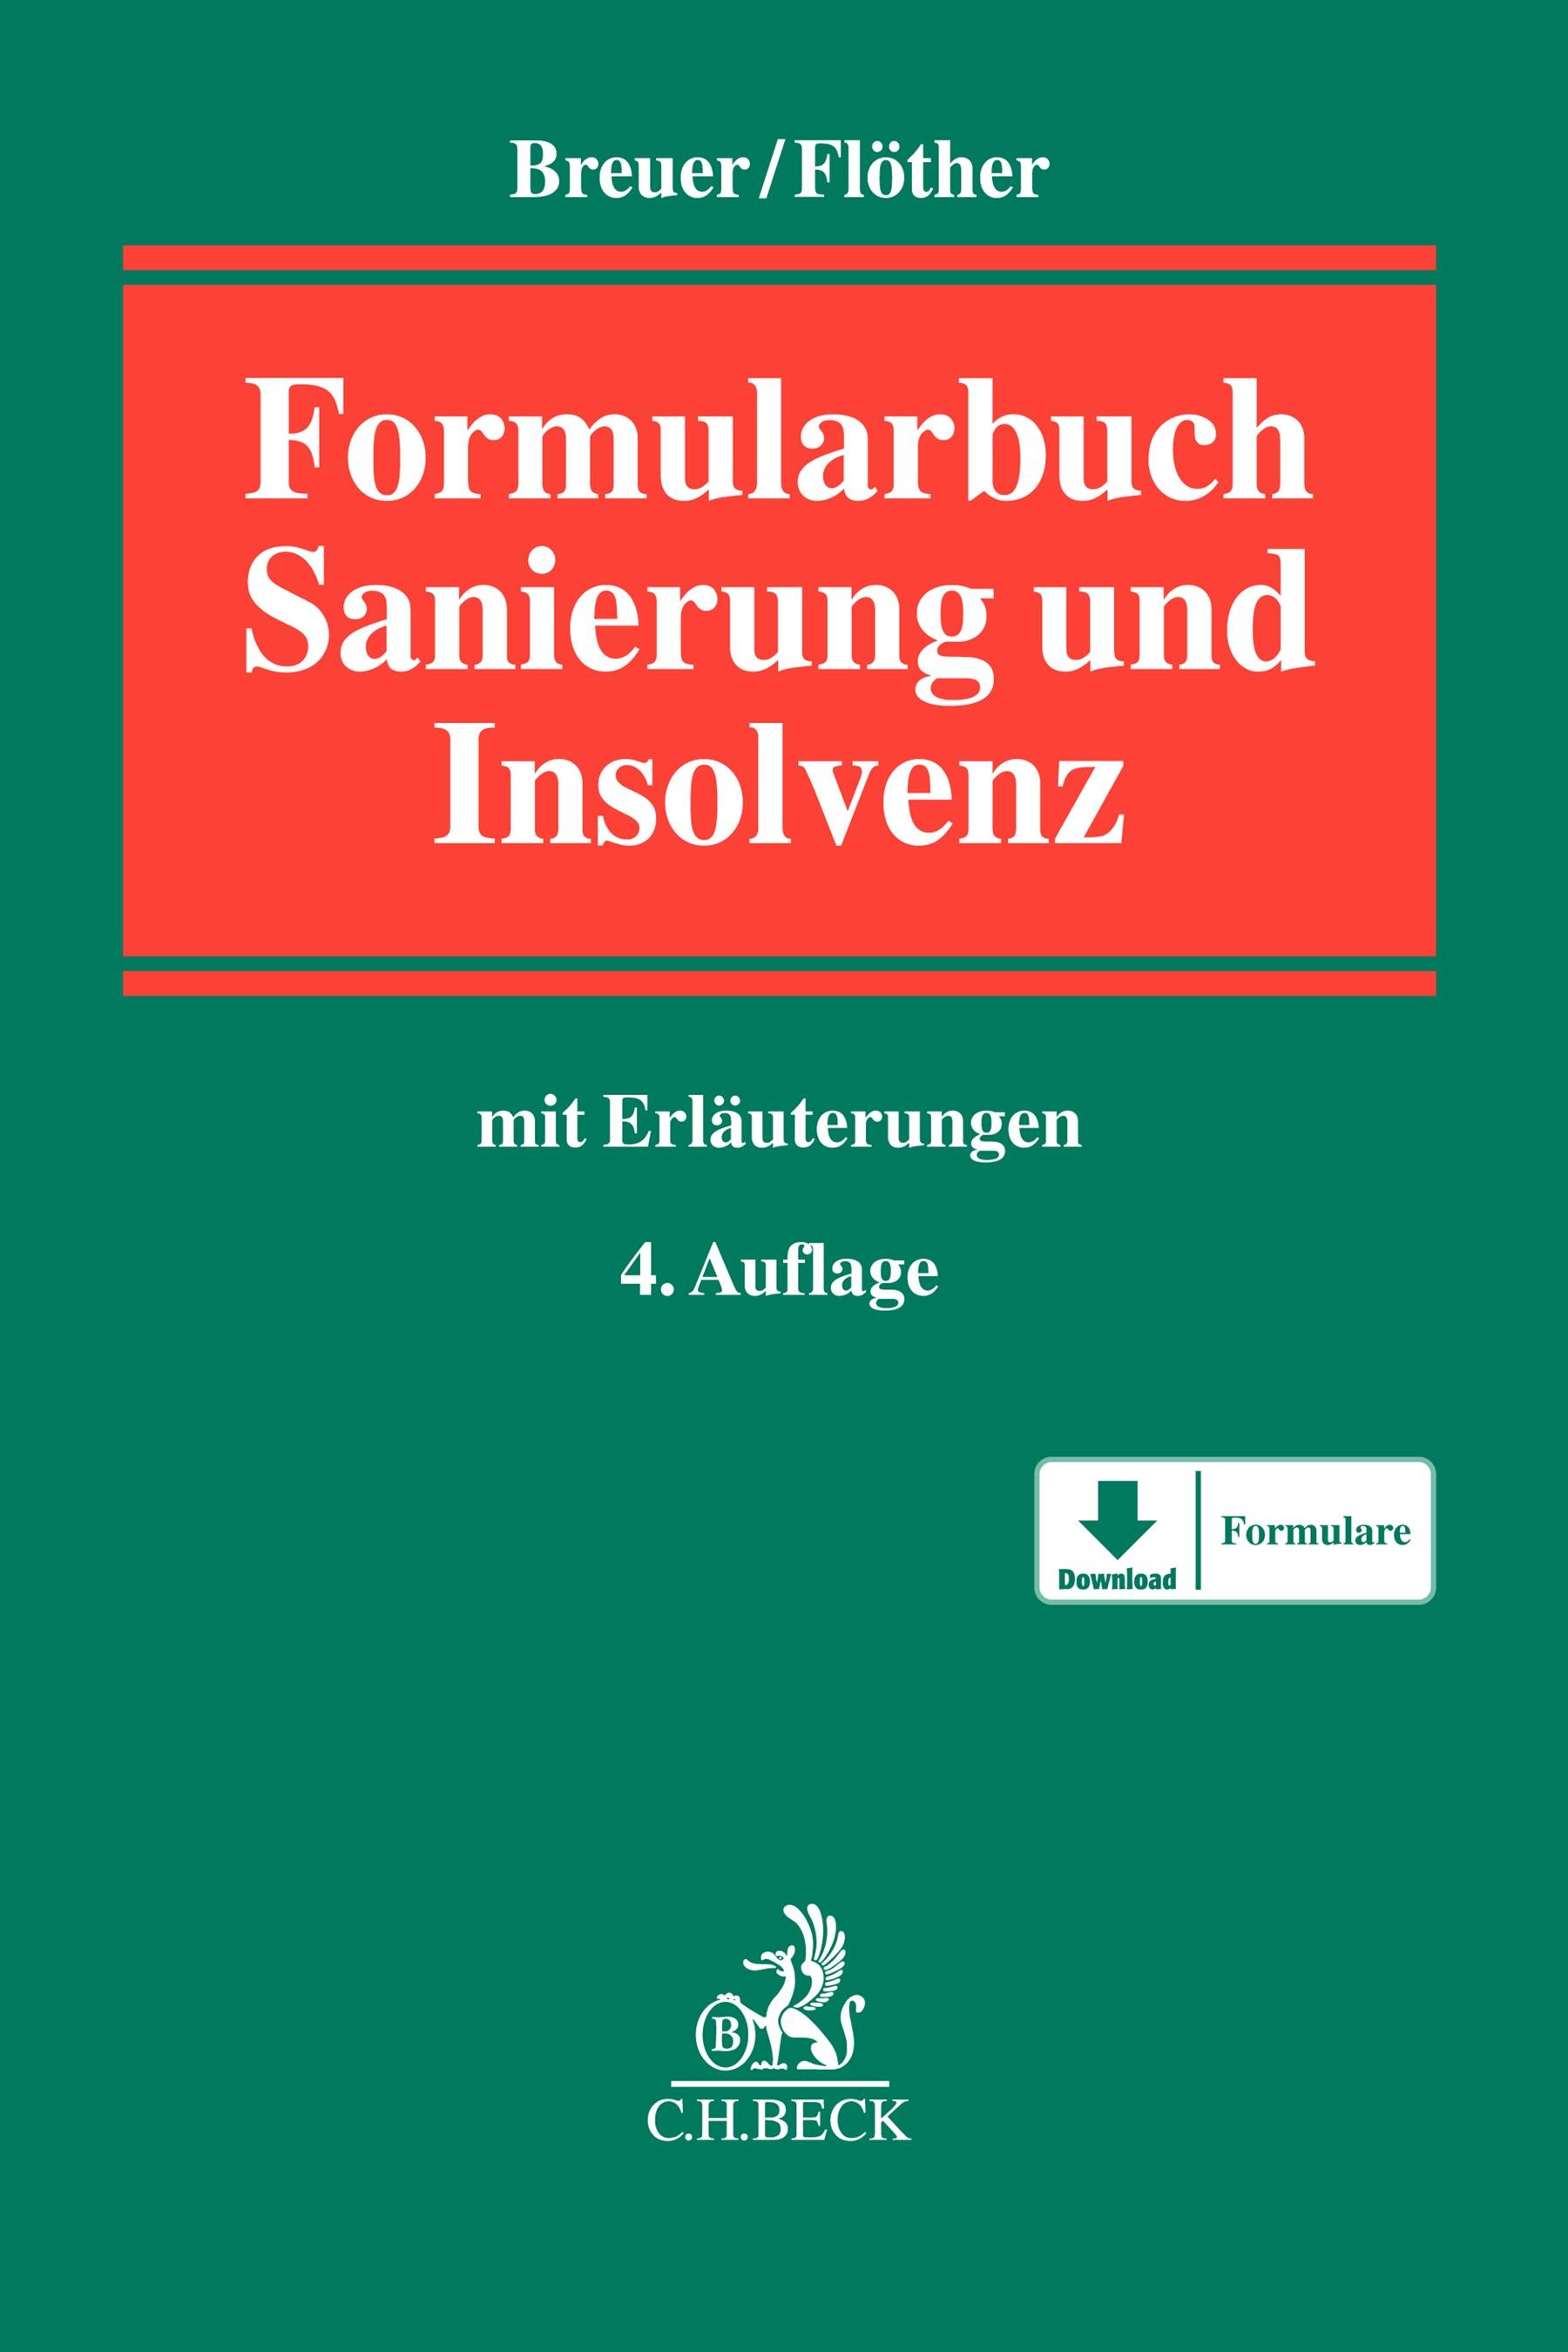 Insolvenzrechts-Formularbuch | Breuer | 4. Auflage, 2018 | Buch (Cover)